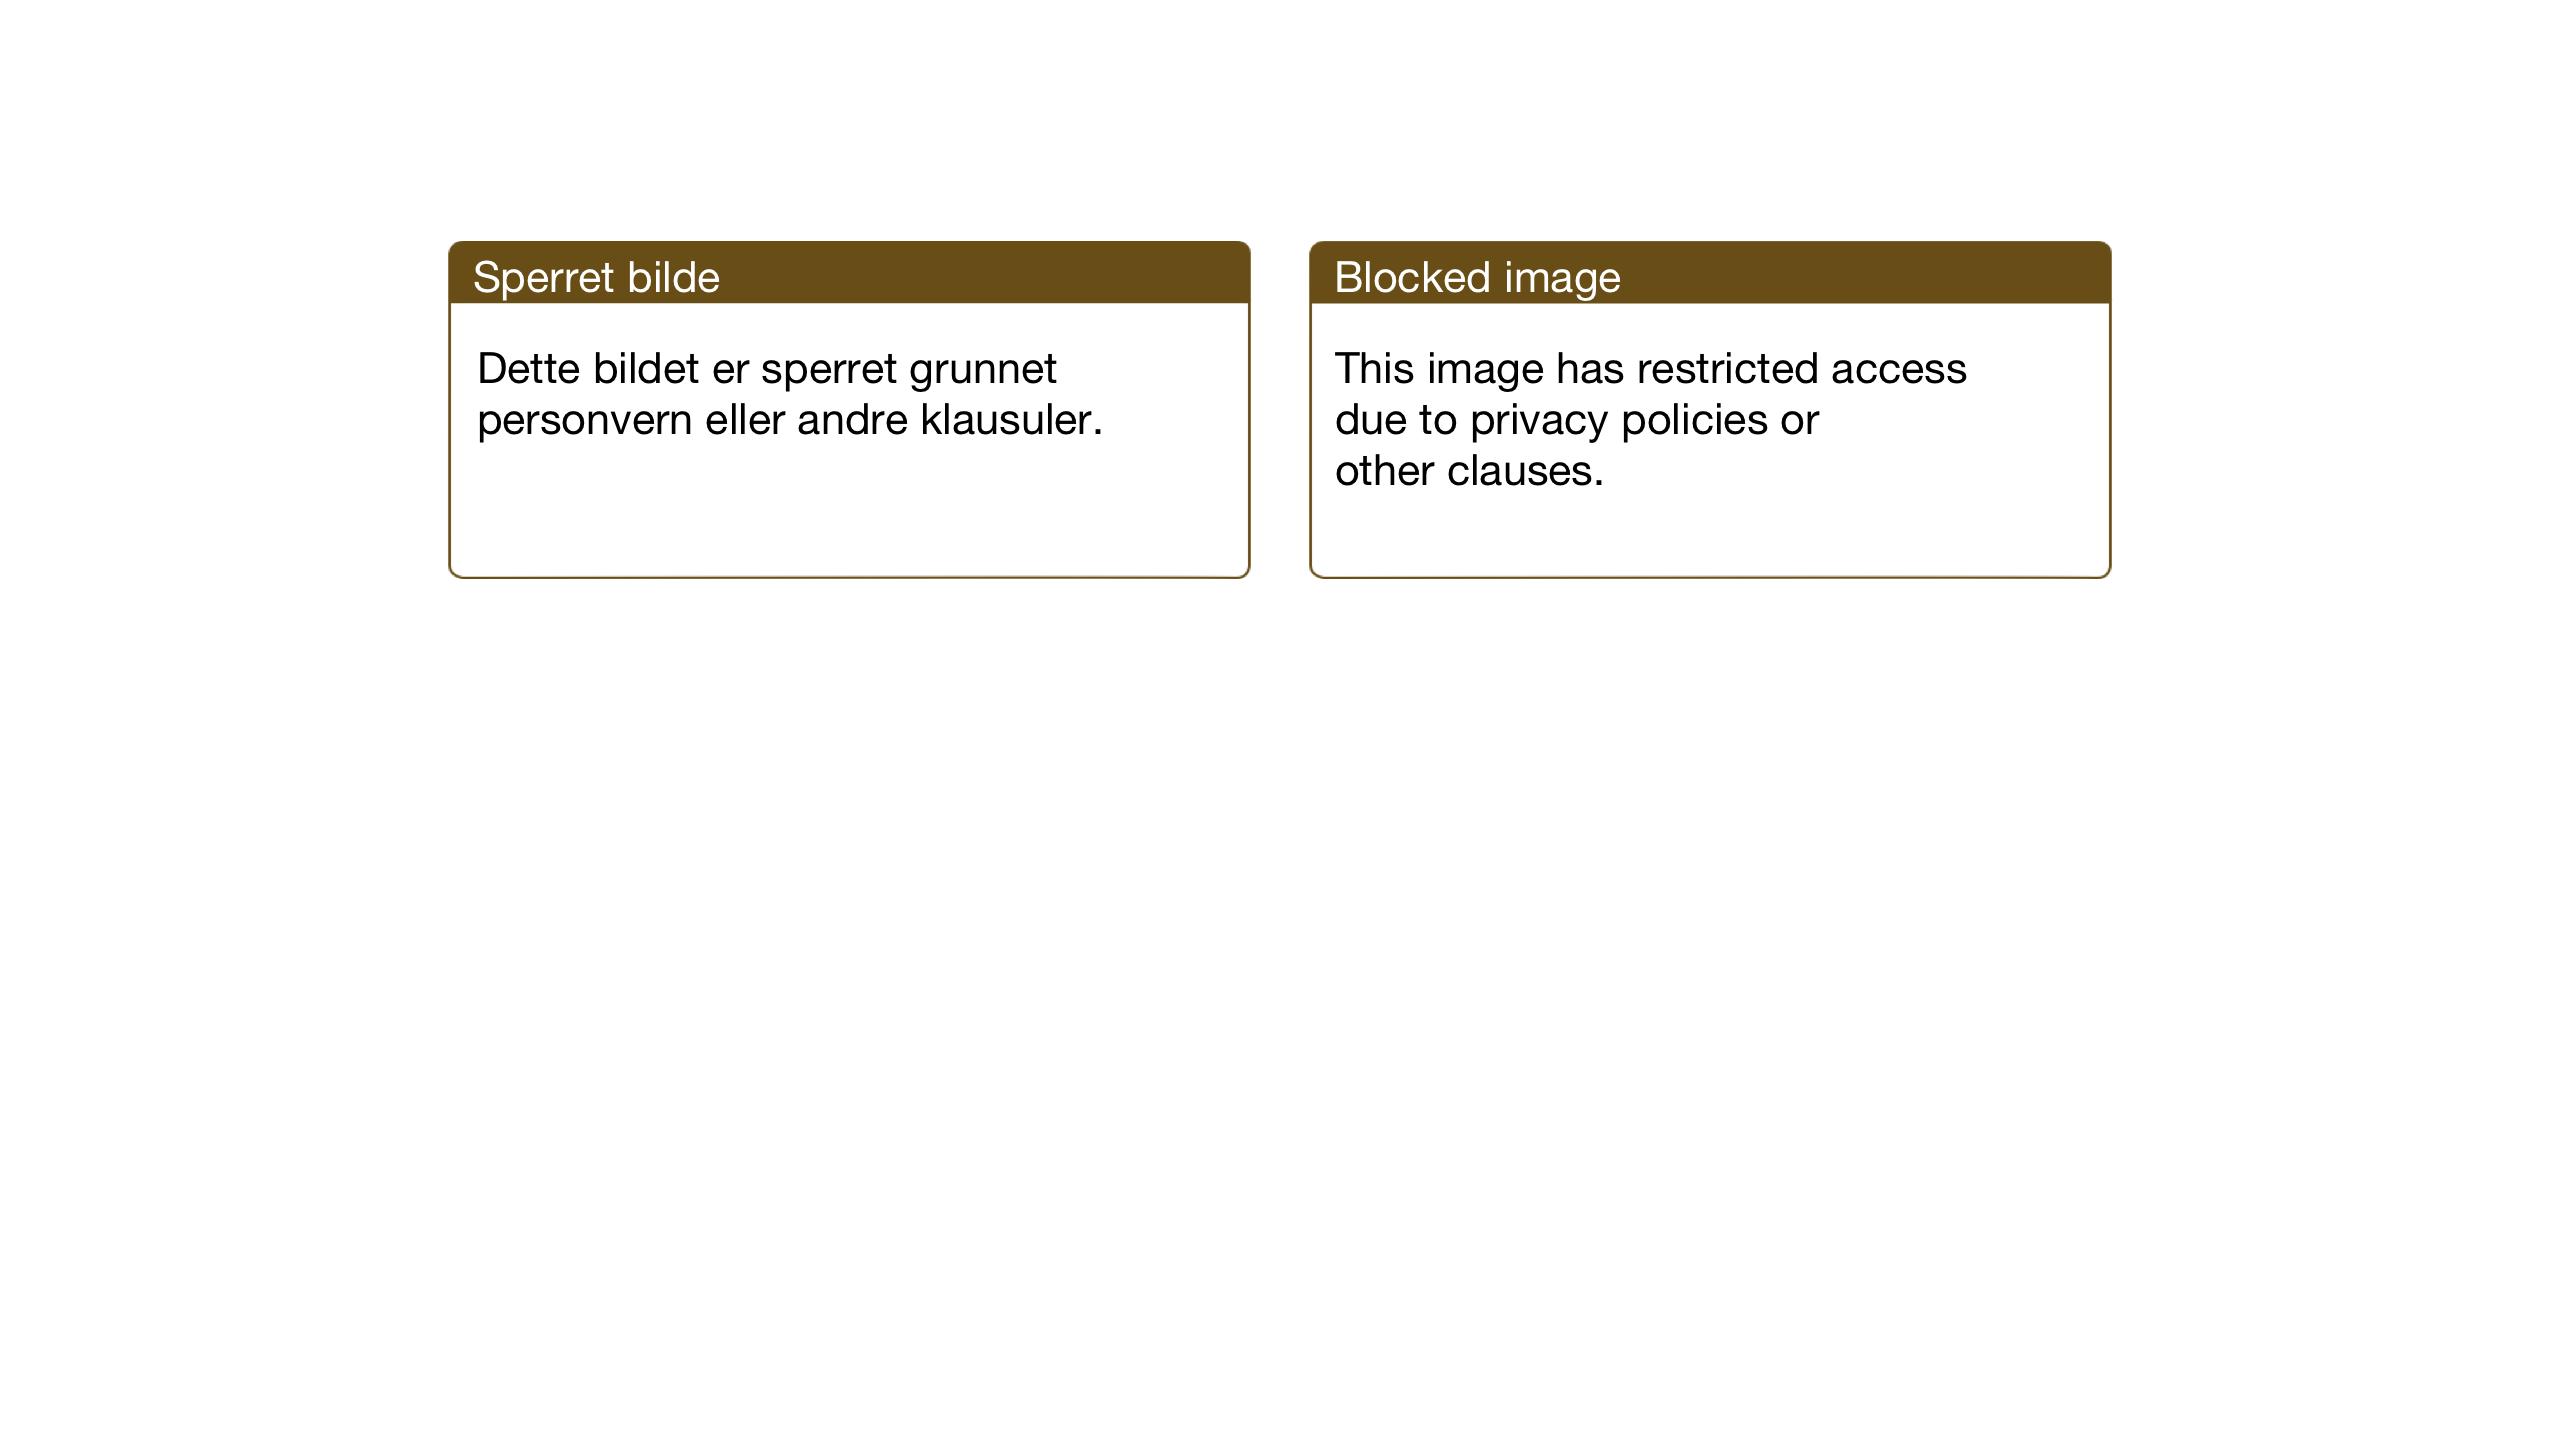 SAT, Ministerialprotokoller, klokkerbøker og fødselsregistre - Sør-Trøndelag, 638/L0569: Klokkerbok nr. 638C01, 1923-1961, s. 70